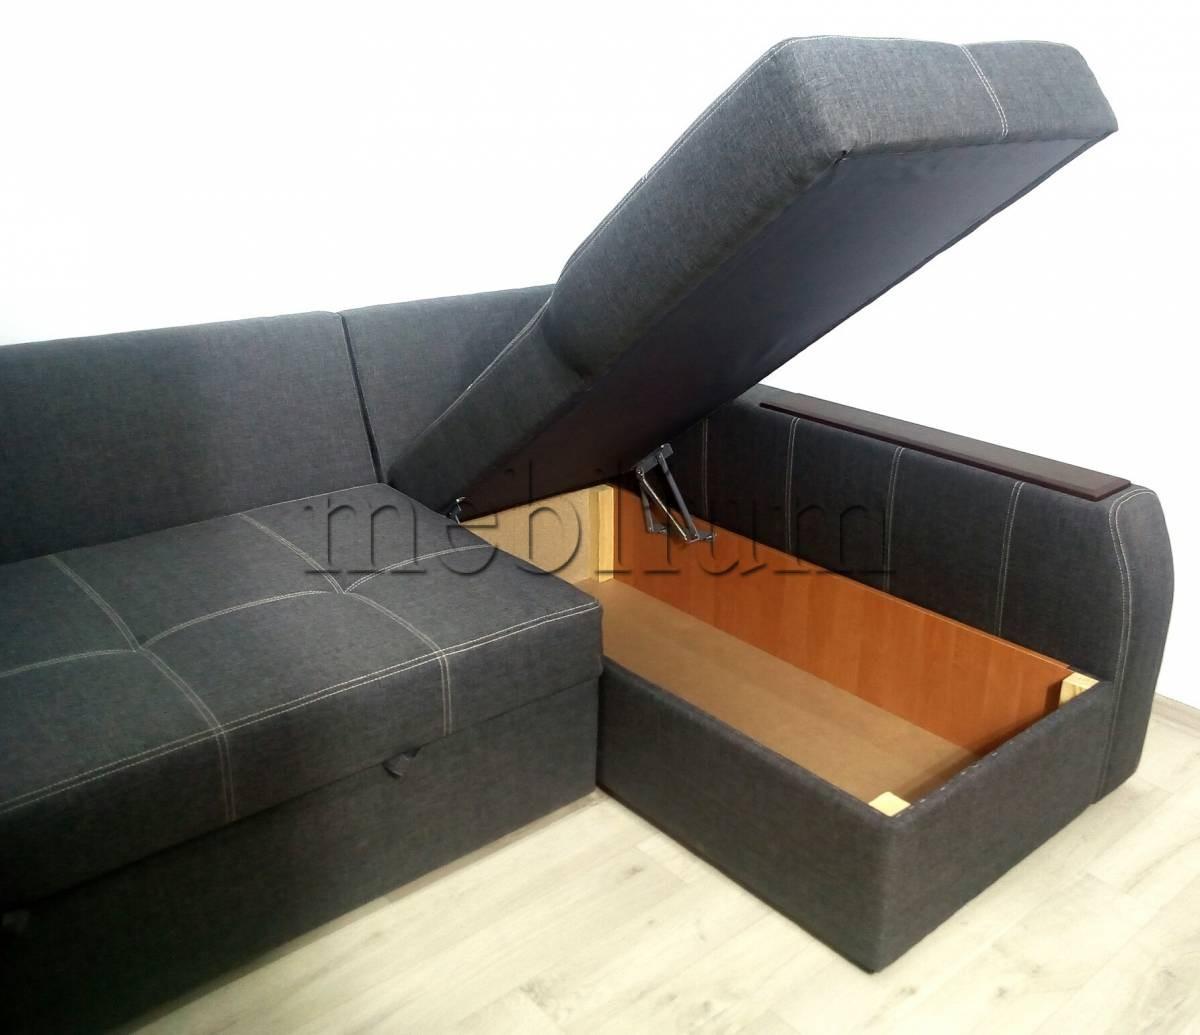 Угловой диван Лорд с открытым боком -3 Lux12_Kor Ниша для белья